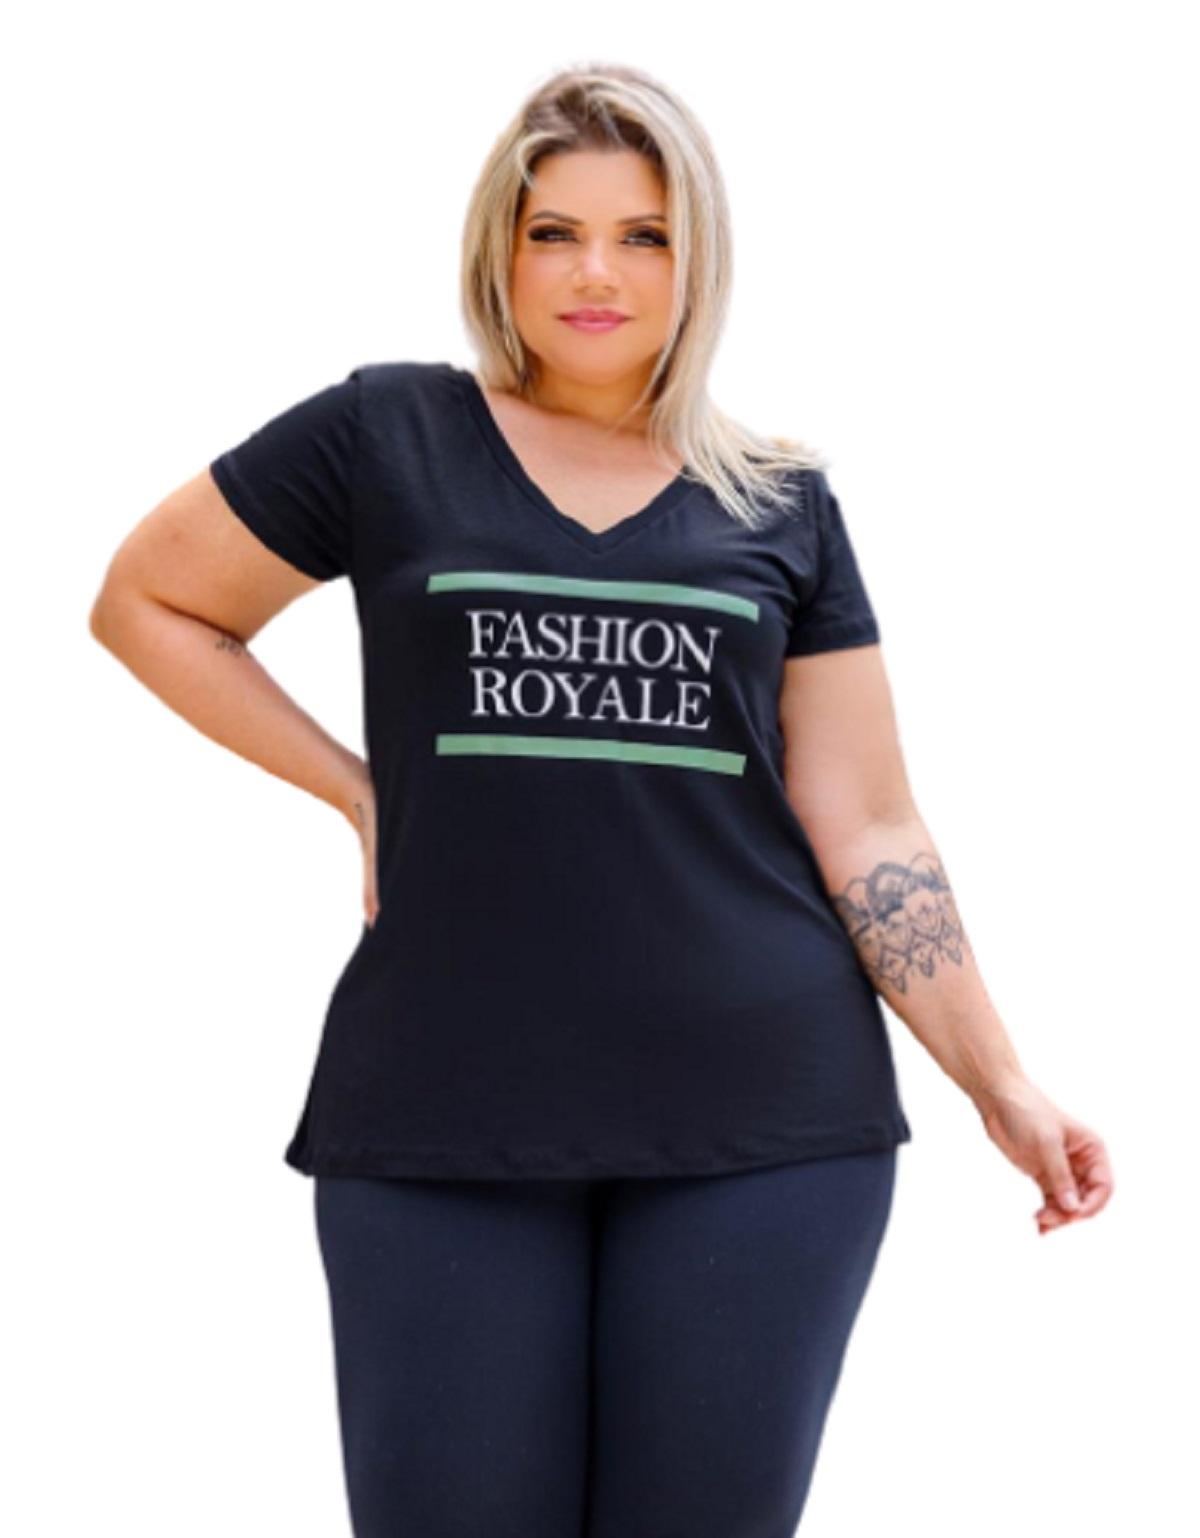 Blusa Feminina Manga Curta Fashion Royale Plus Size Mazal